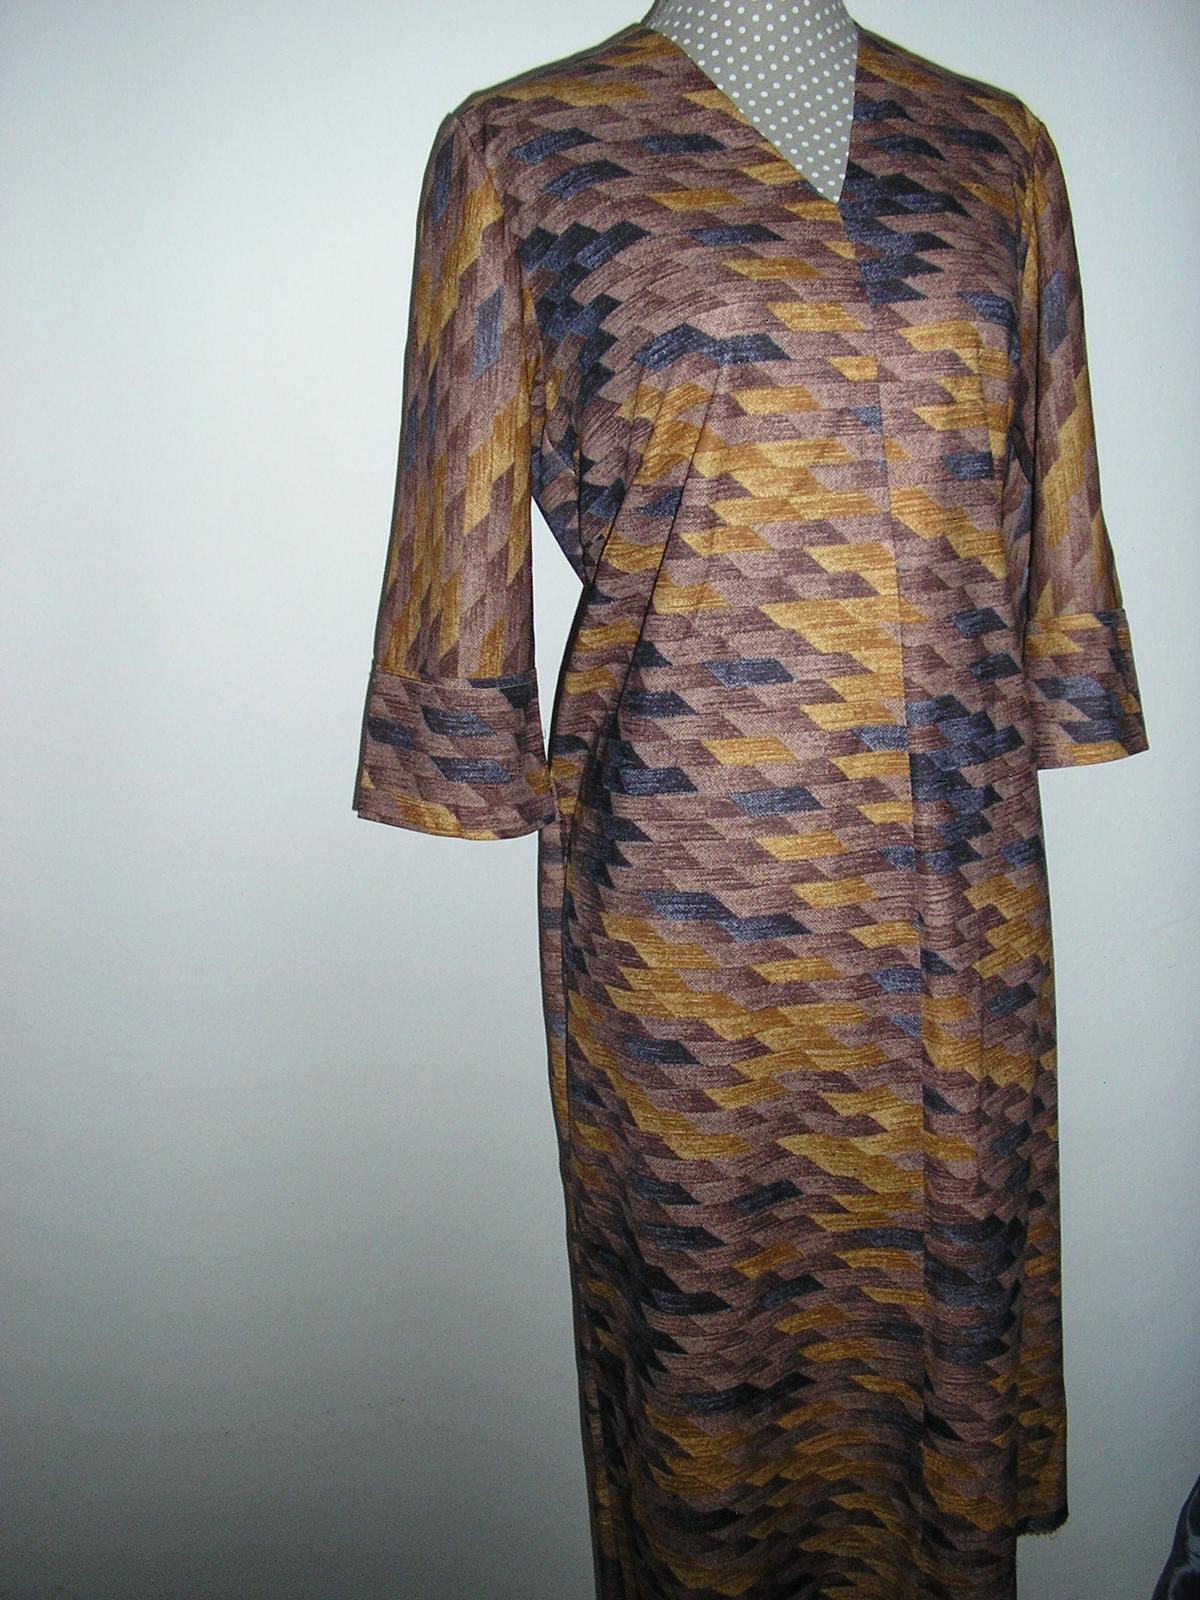 1001 Hnedé šaty - Obrázok č. 1